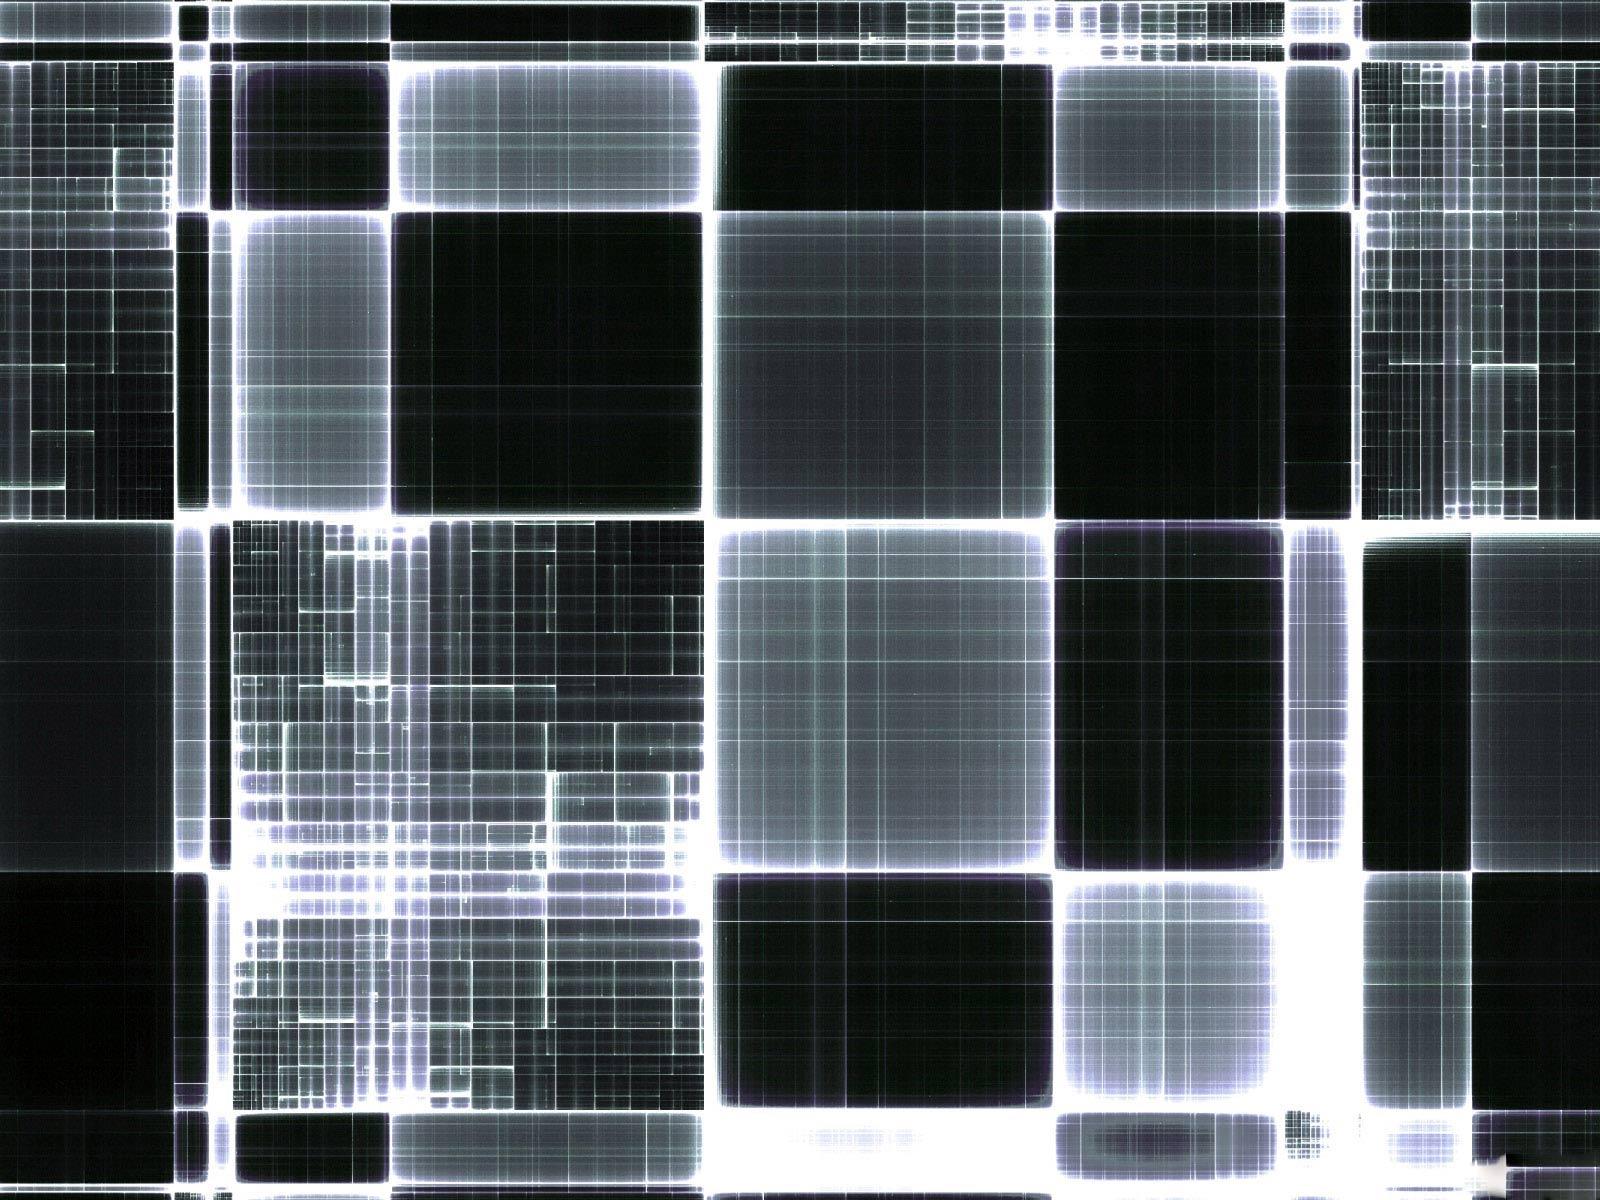 3d Textures Puzzle Image